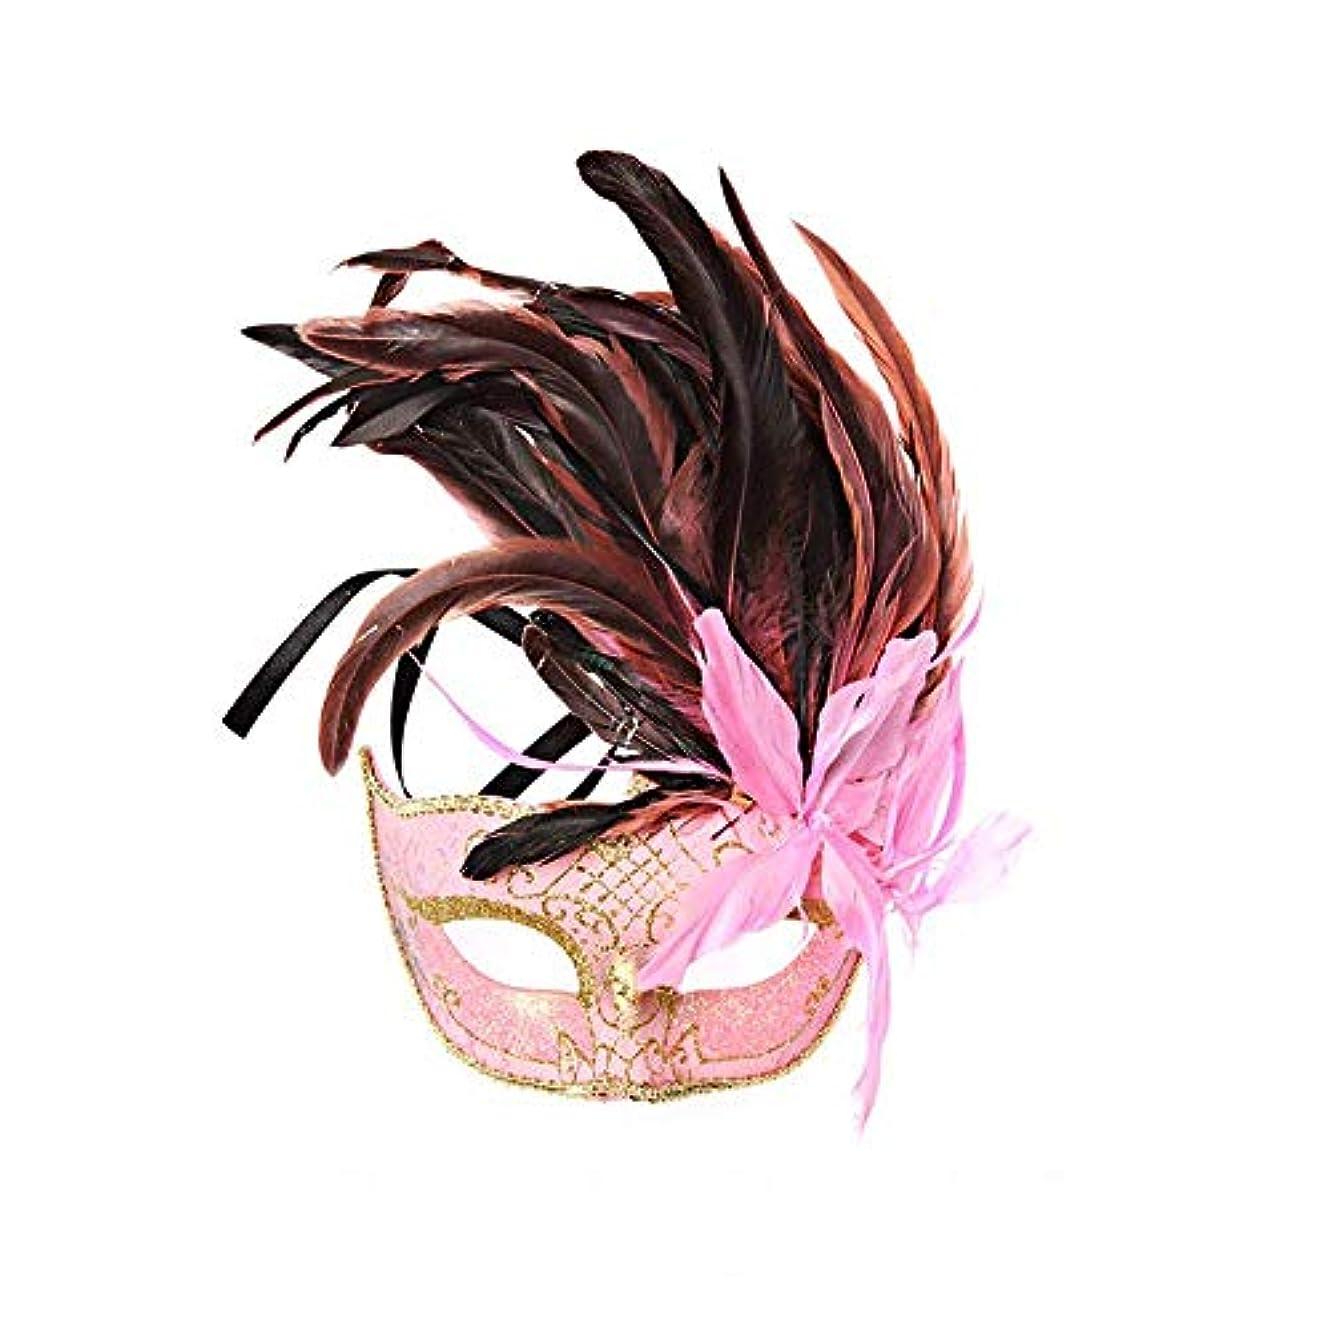 手配するノベルティ聡明Nanle ハロウィンマスクハーフフェザーマスクベニスプリンセスマスク美容レース仮面ライダーコスプレ (色 : Style A pink)